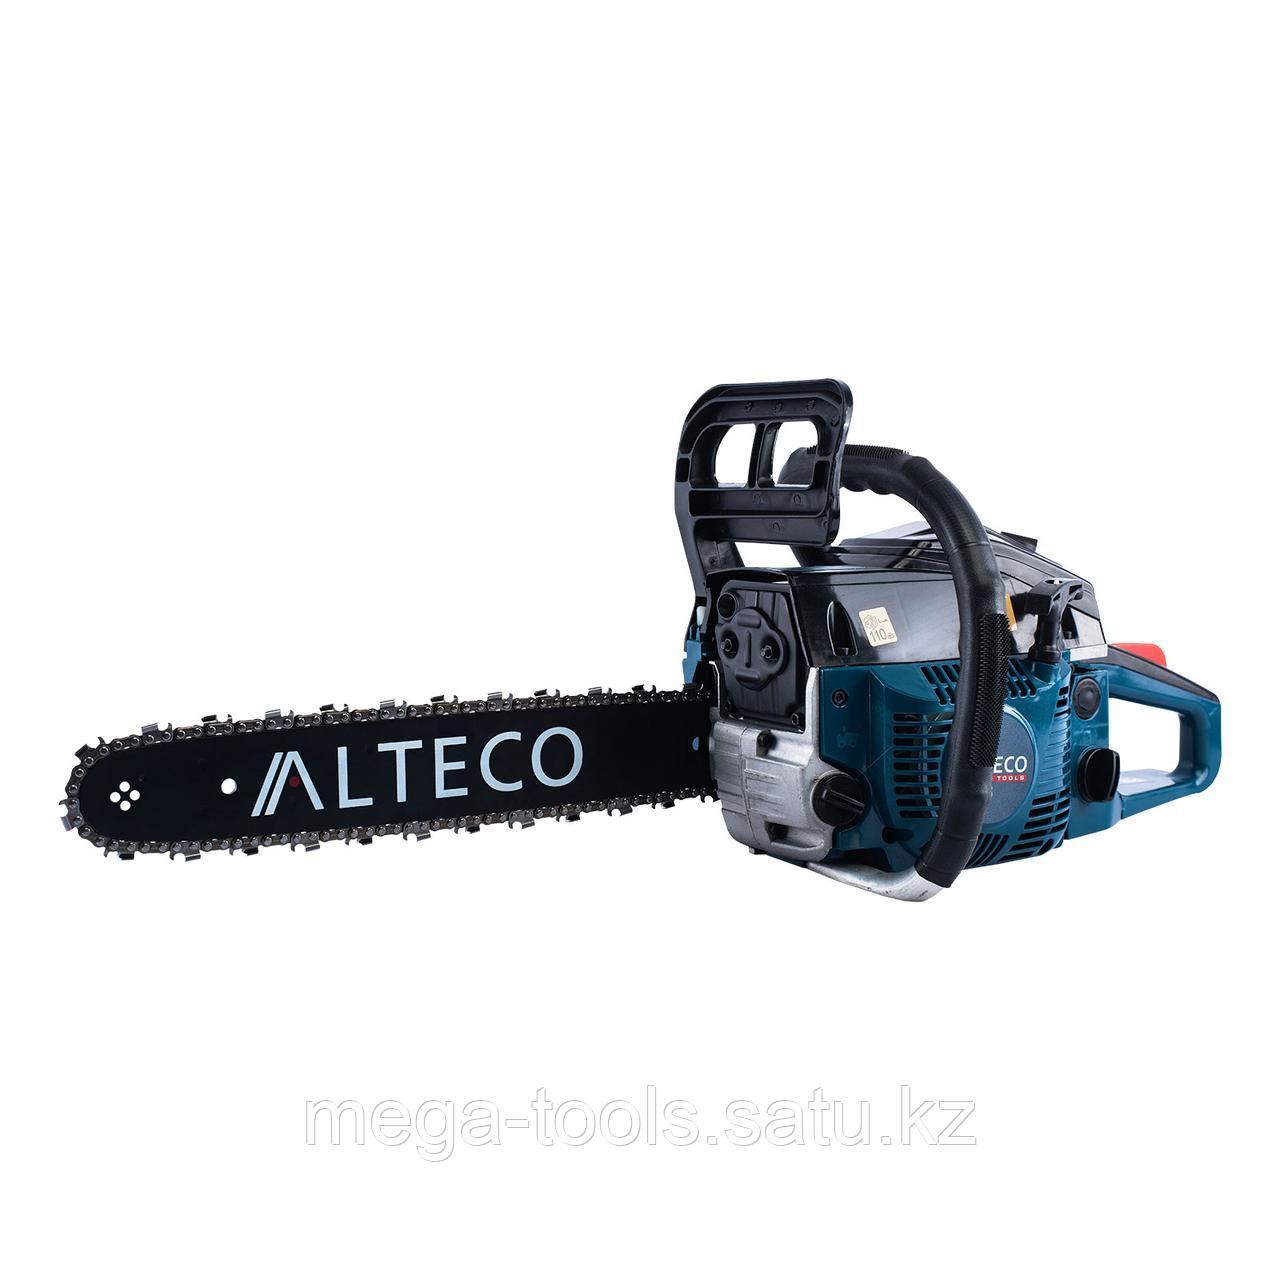 Бензопила ALTECO Promo GCS 2306 - фото 1